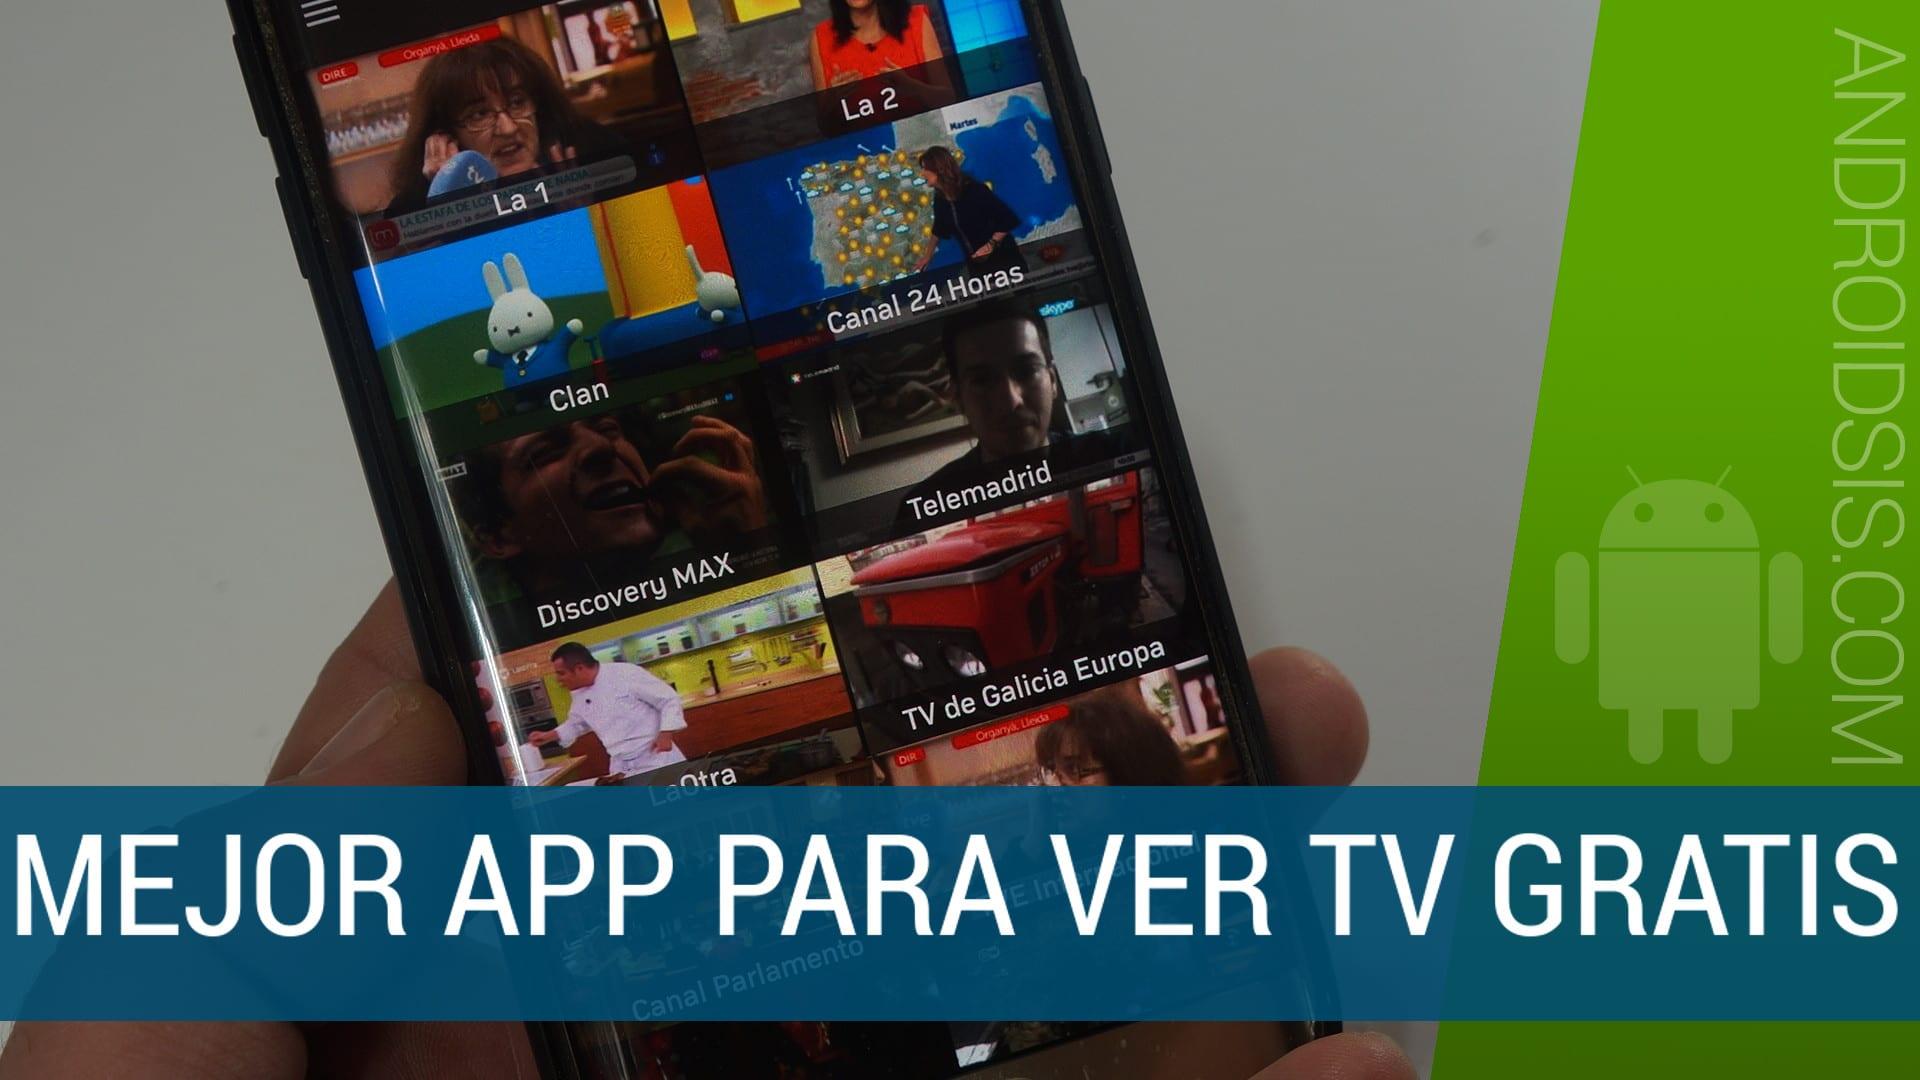 La mejor aplicación gratuita para ver la Tv en directo y gratis